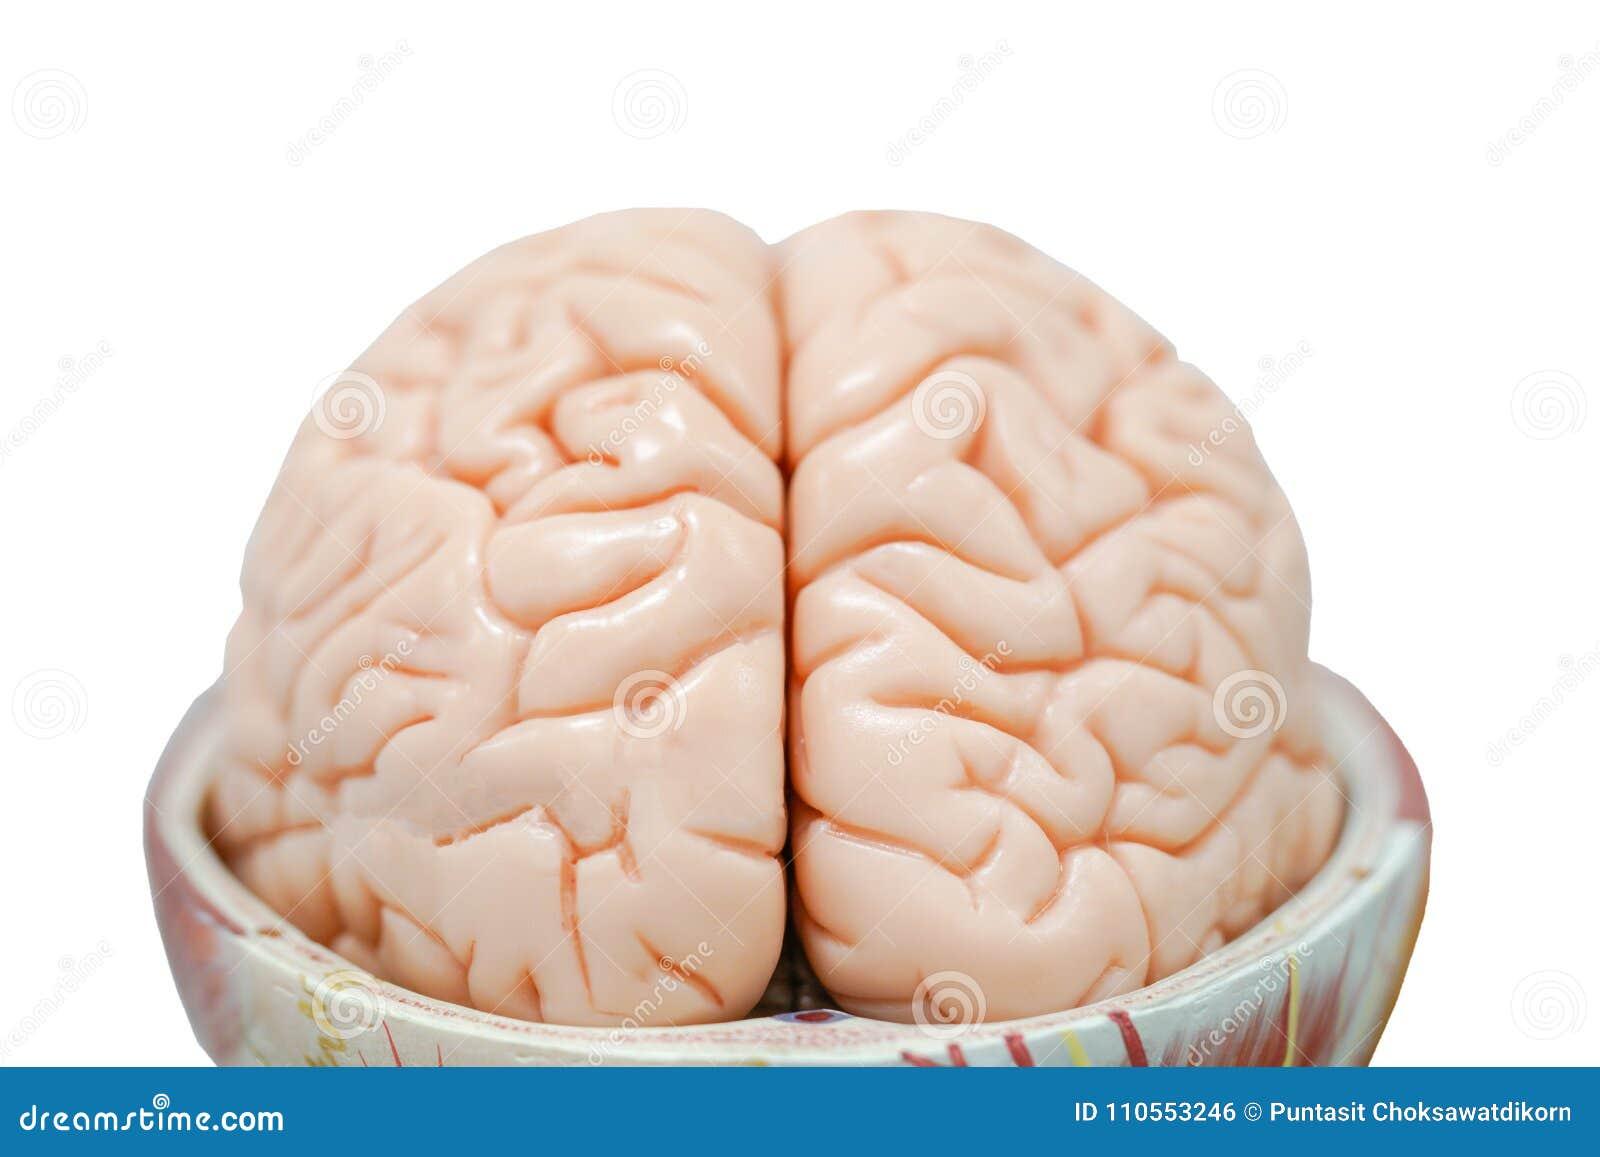 Modelo De La Anatomía Del Cerebro Humano Para La Educación Foto de ...